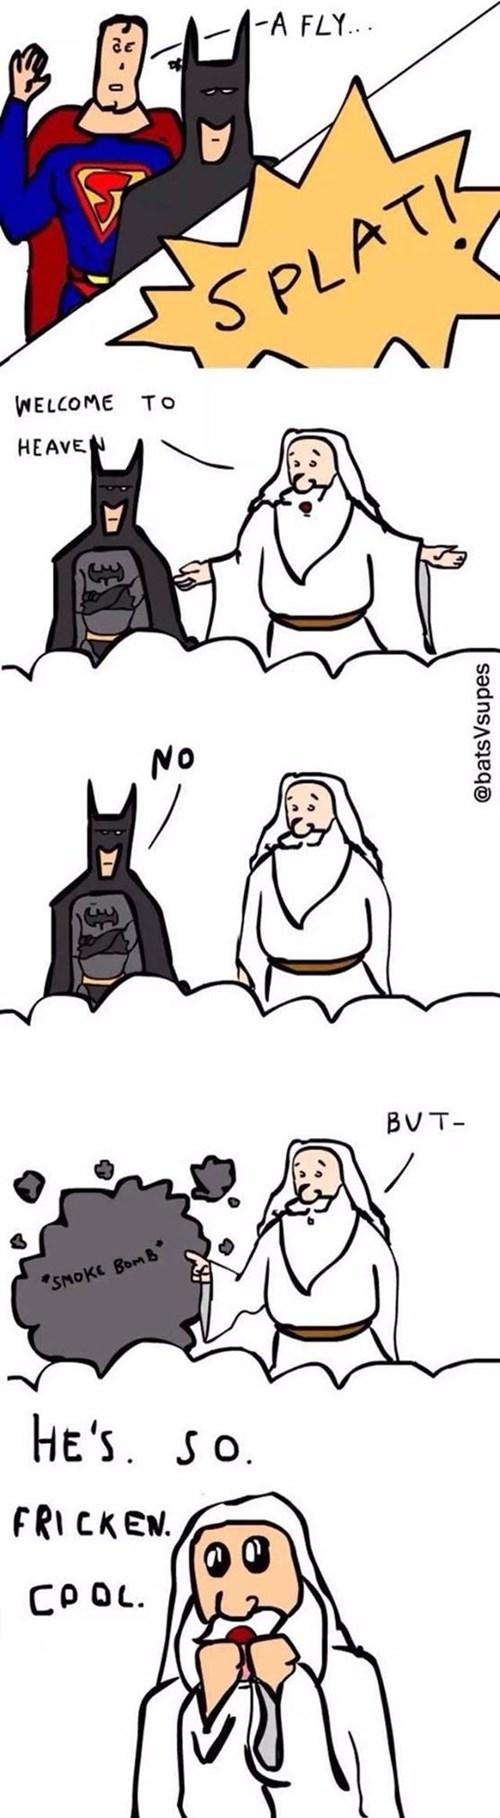 superheroes-batman-v-superman-dc-heaven-comics